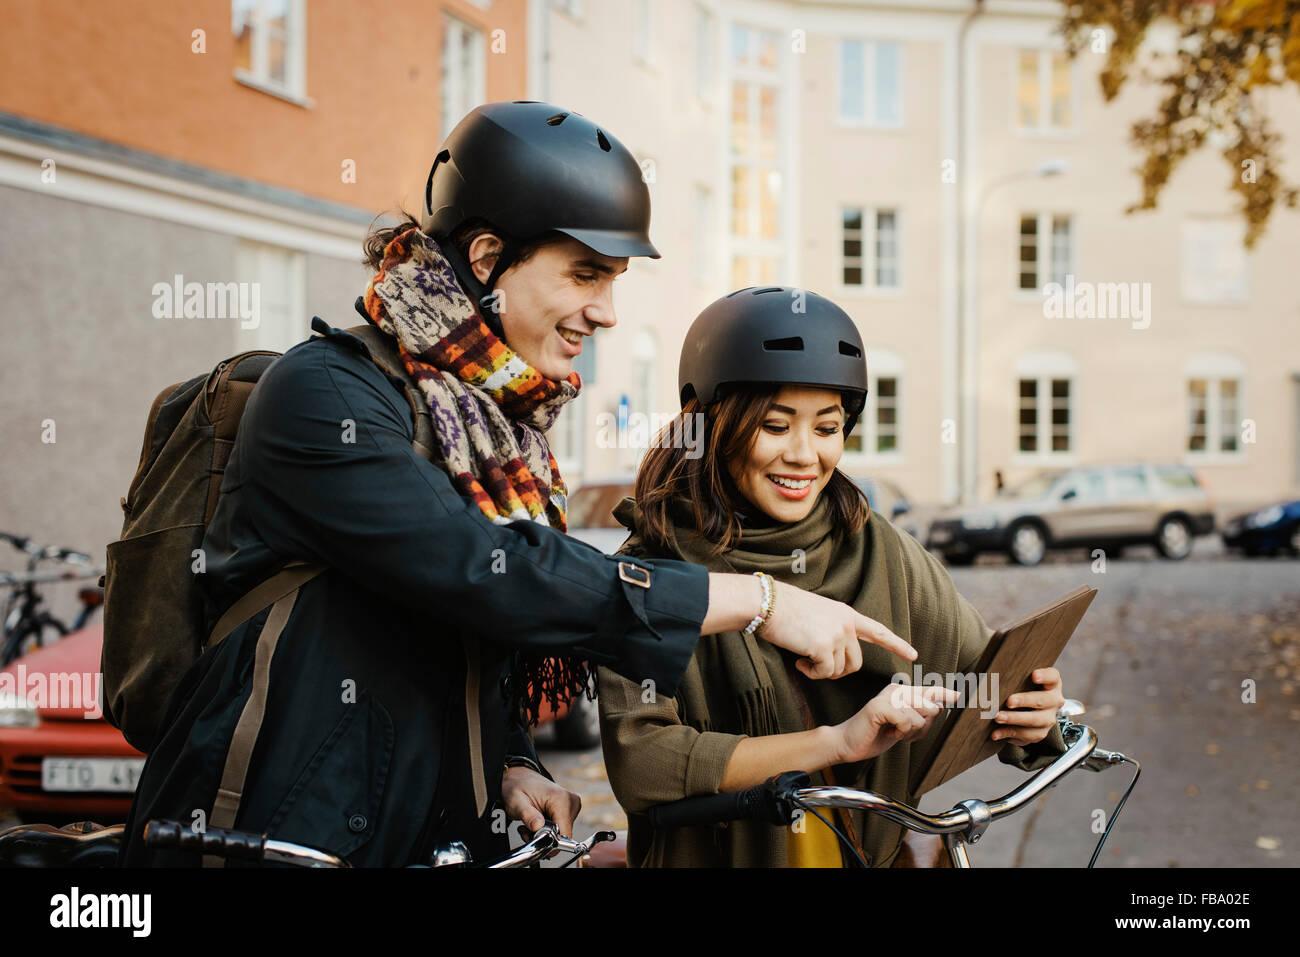 Uppland Suecia, Estocolmo, Vasastan, Rodabergsbrinken, dos jóvenes mirando sonriente tableta digital Imagen De Stock